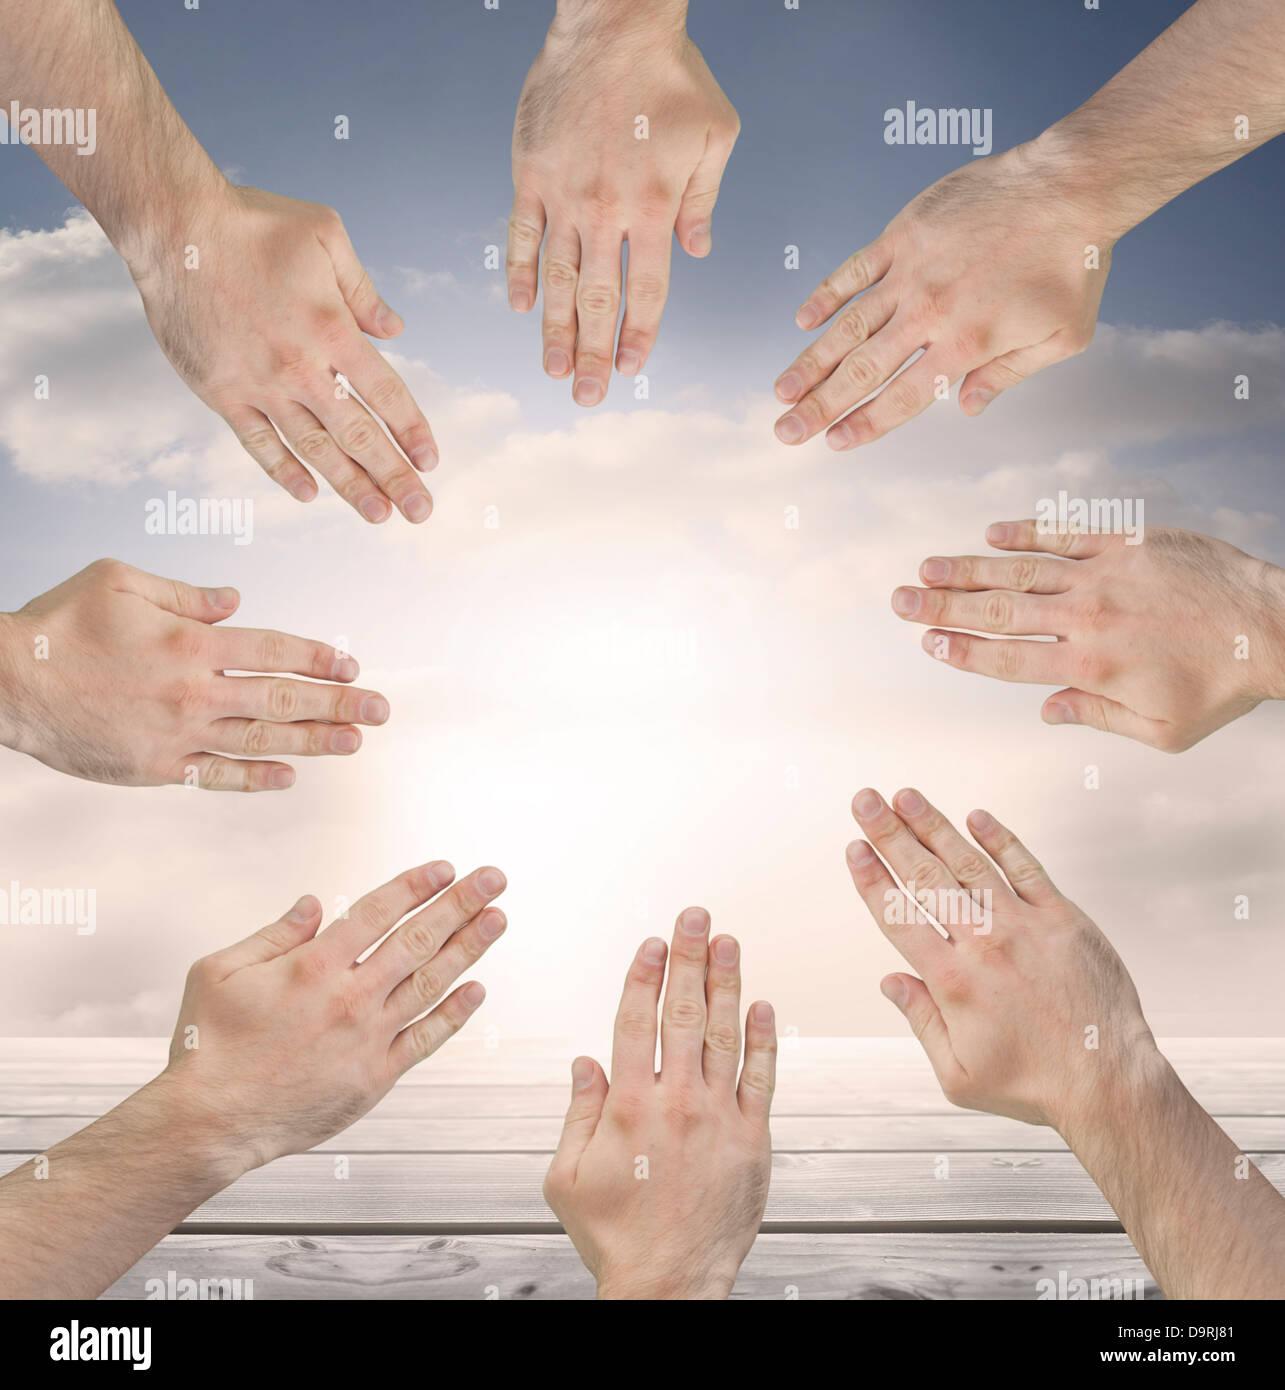 Groupe de mains formant un cercle plus de ciel bleu Photo Stock